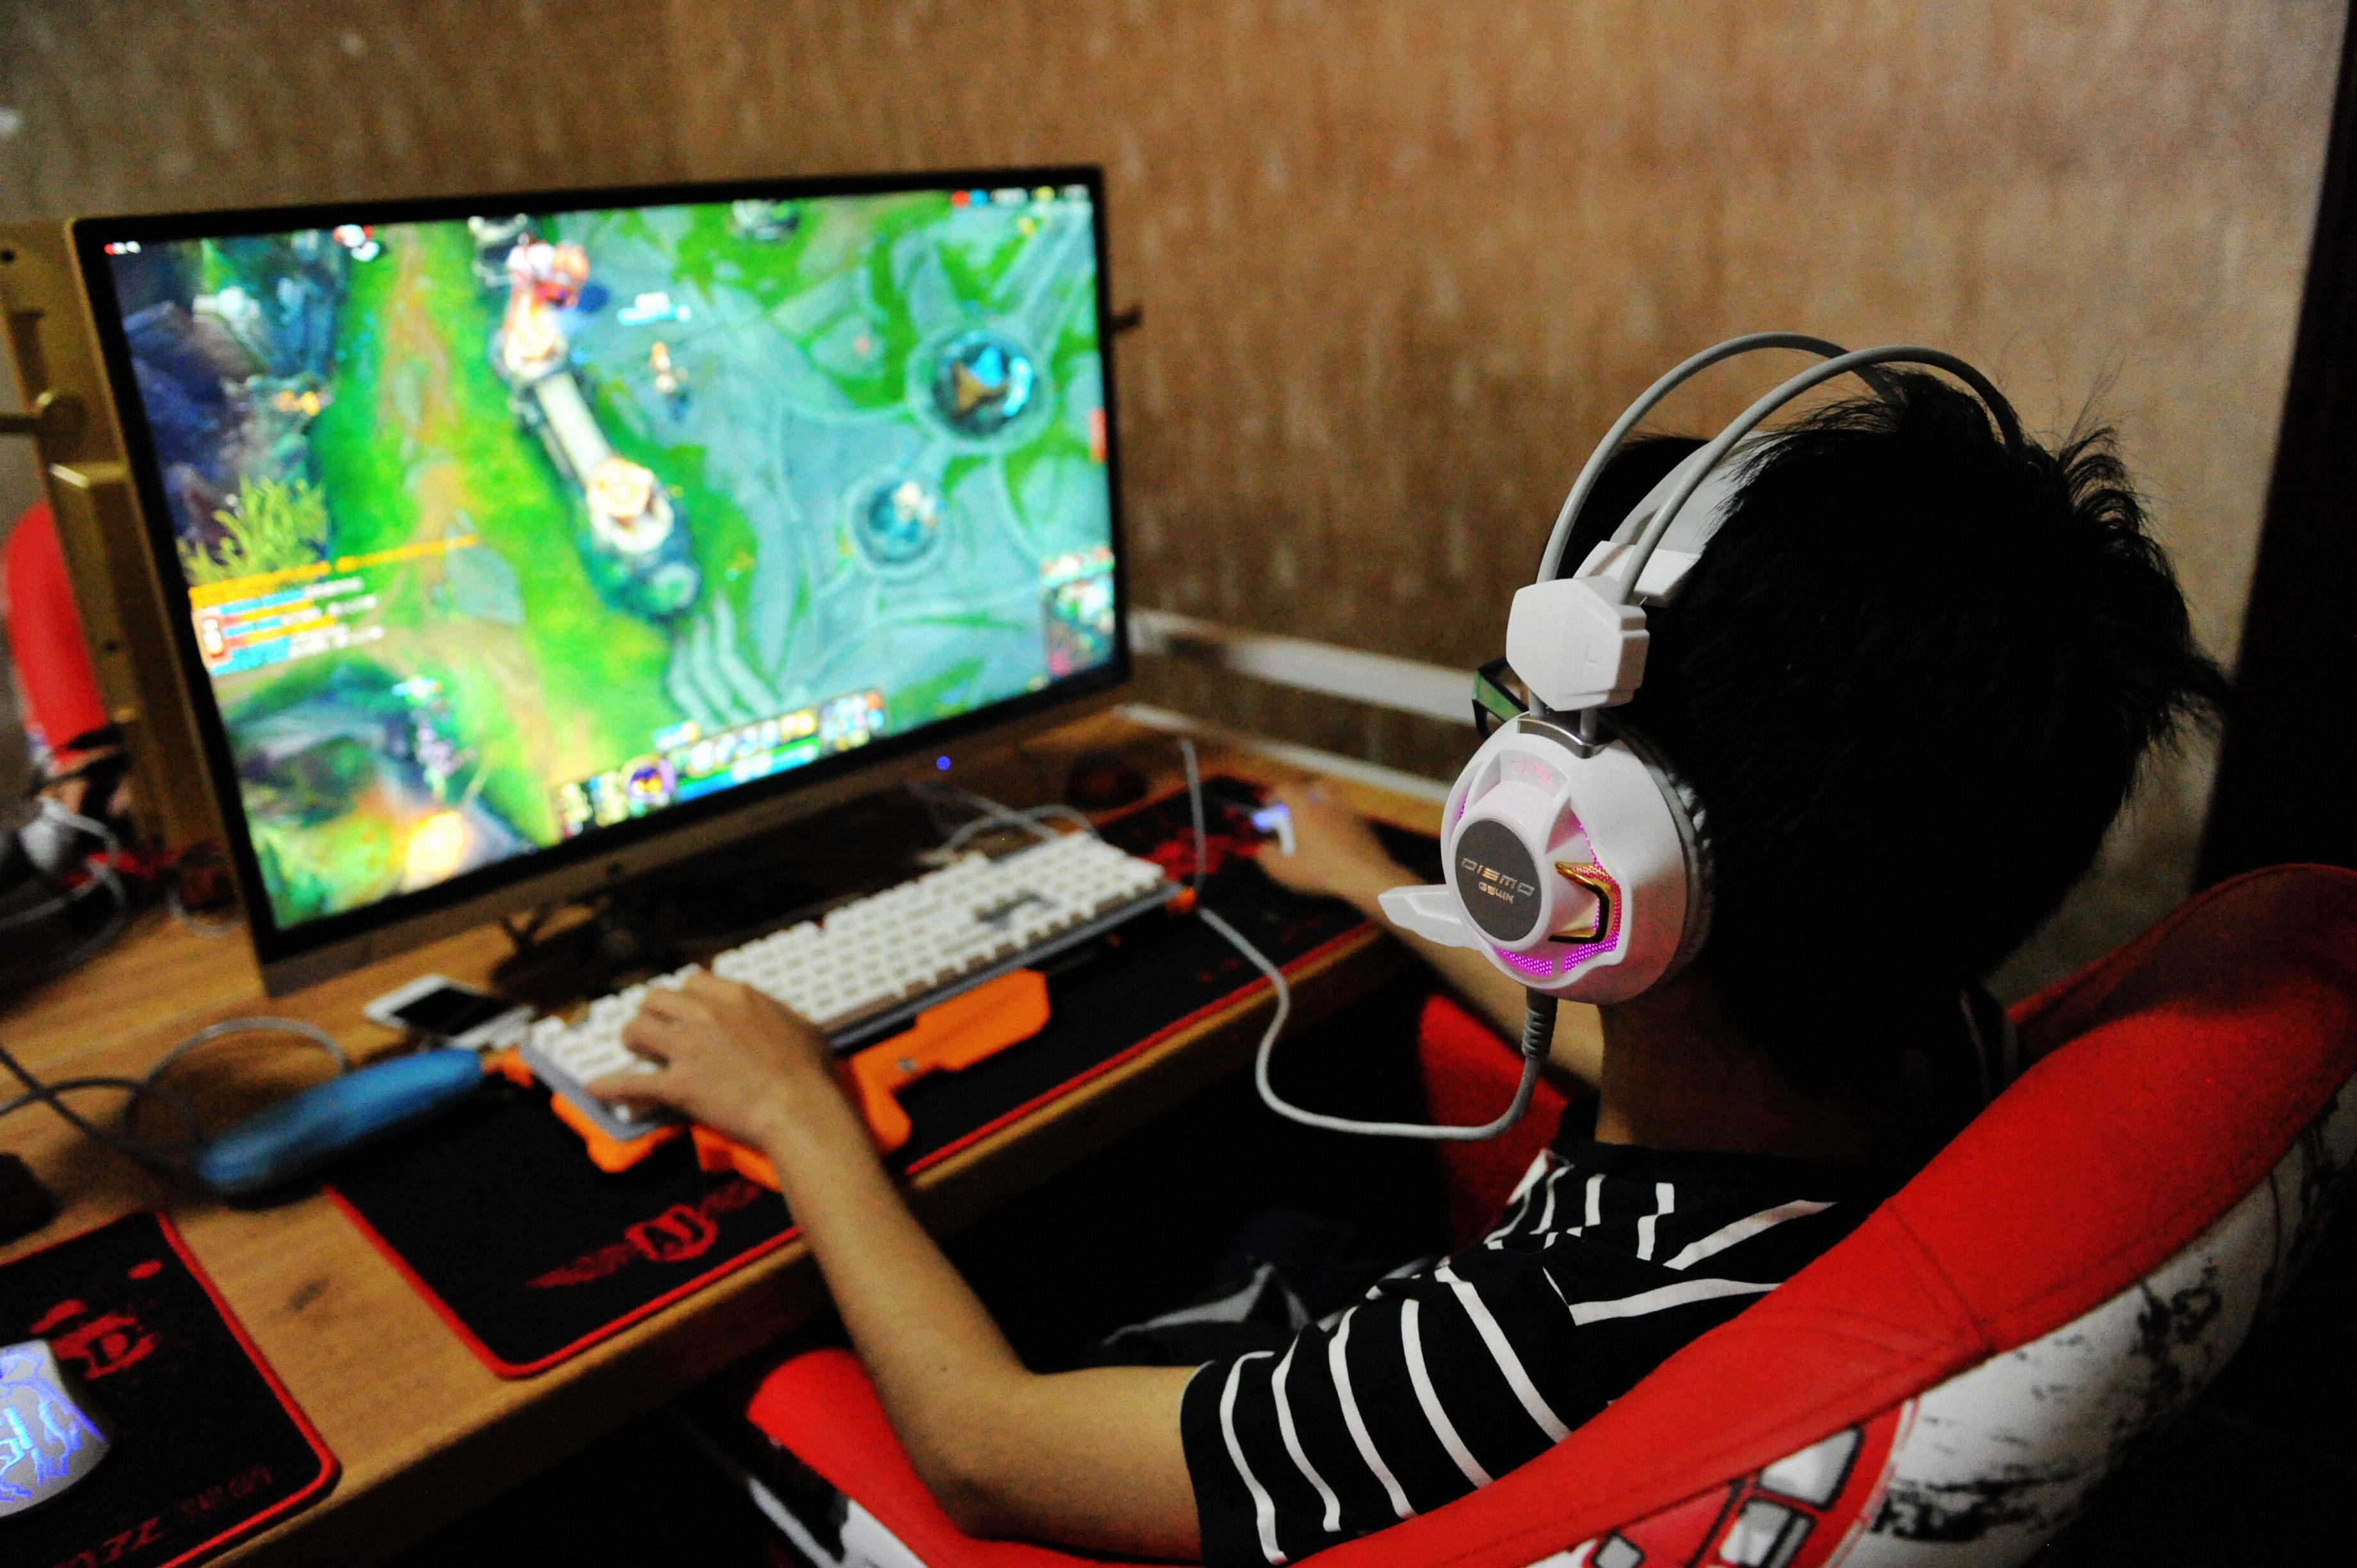 玩网络游戏_日本宅男玩网游3个月净赚6万多元